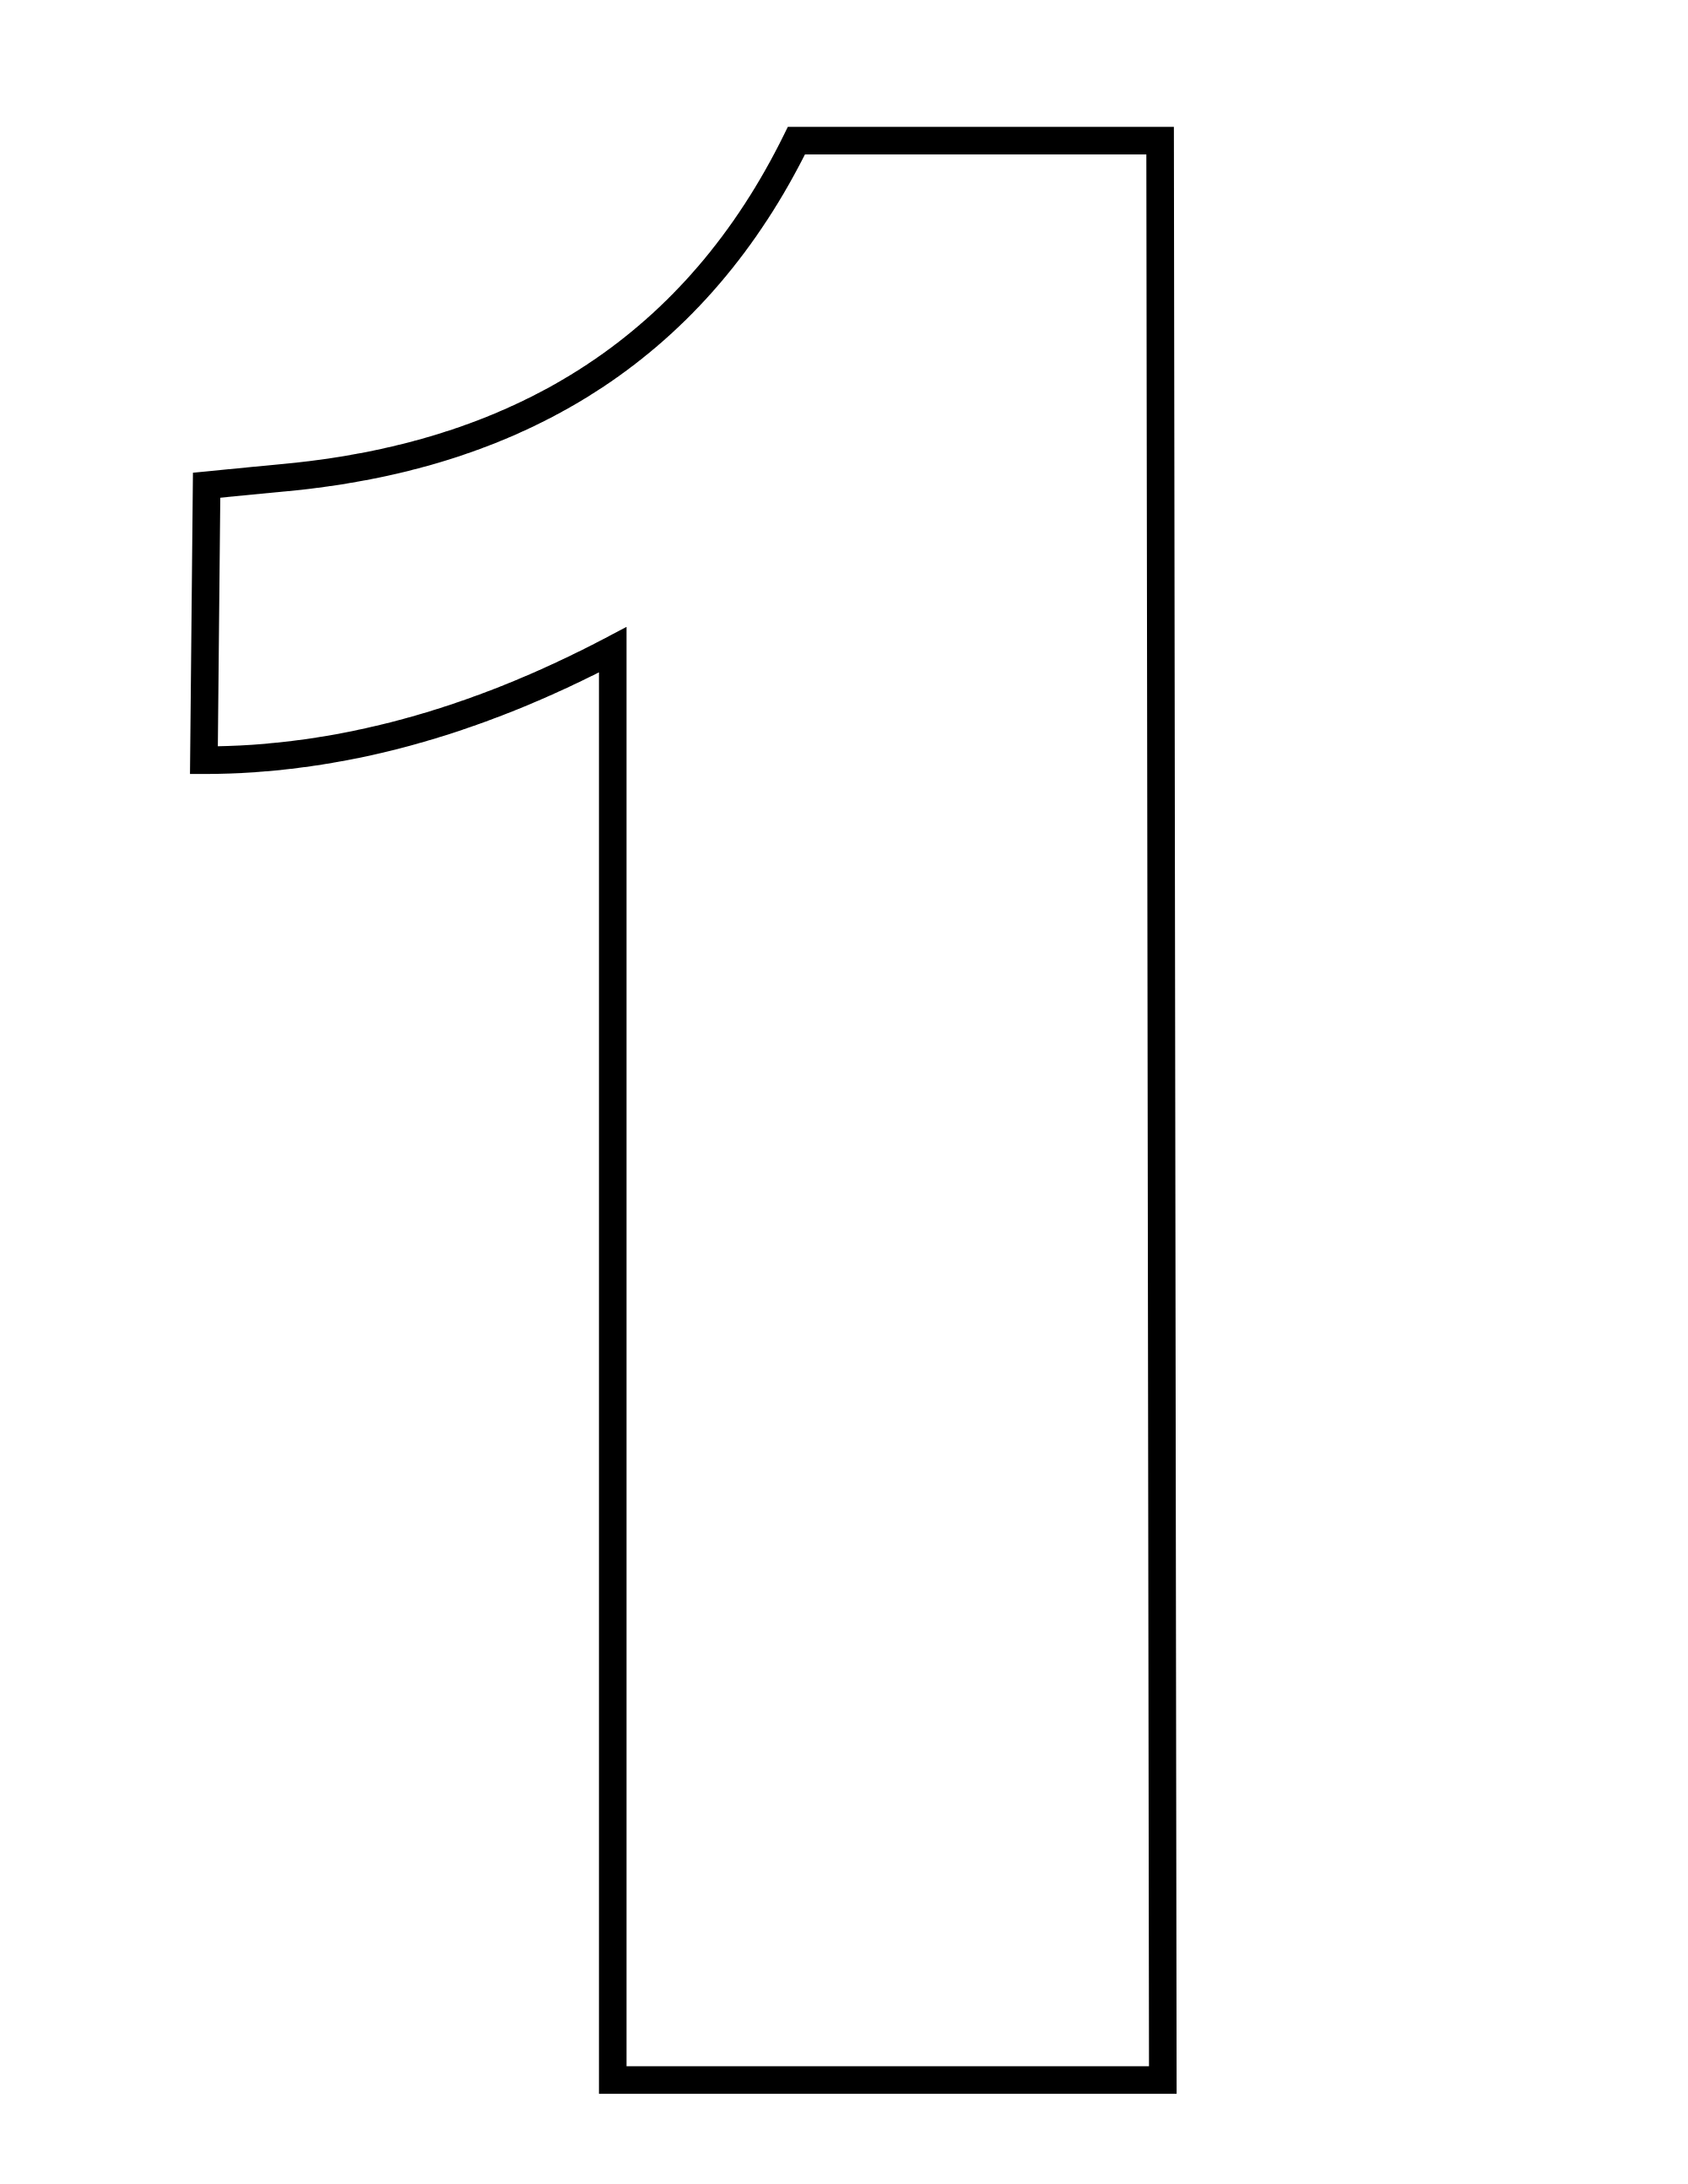 Number 1 Black & White PNG Transparent Image #2.